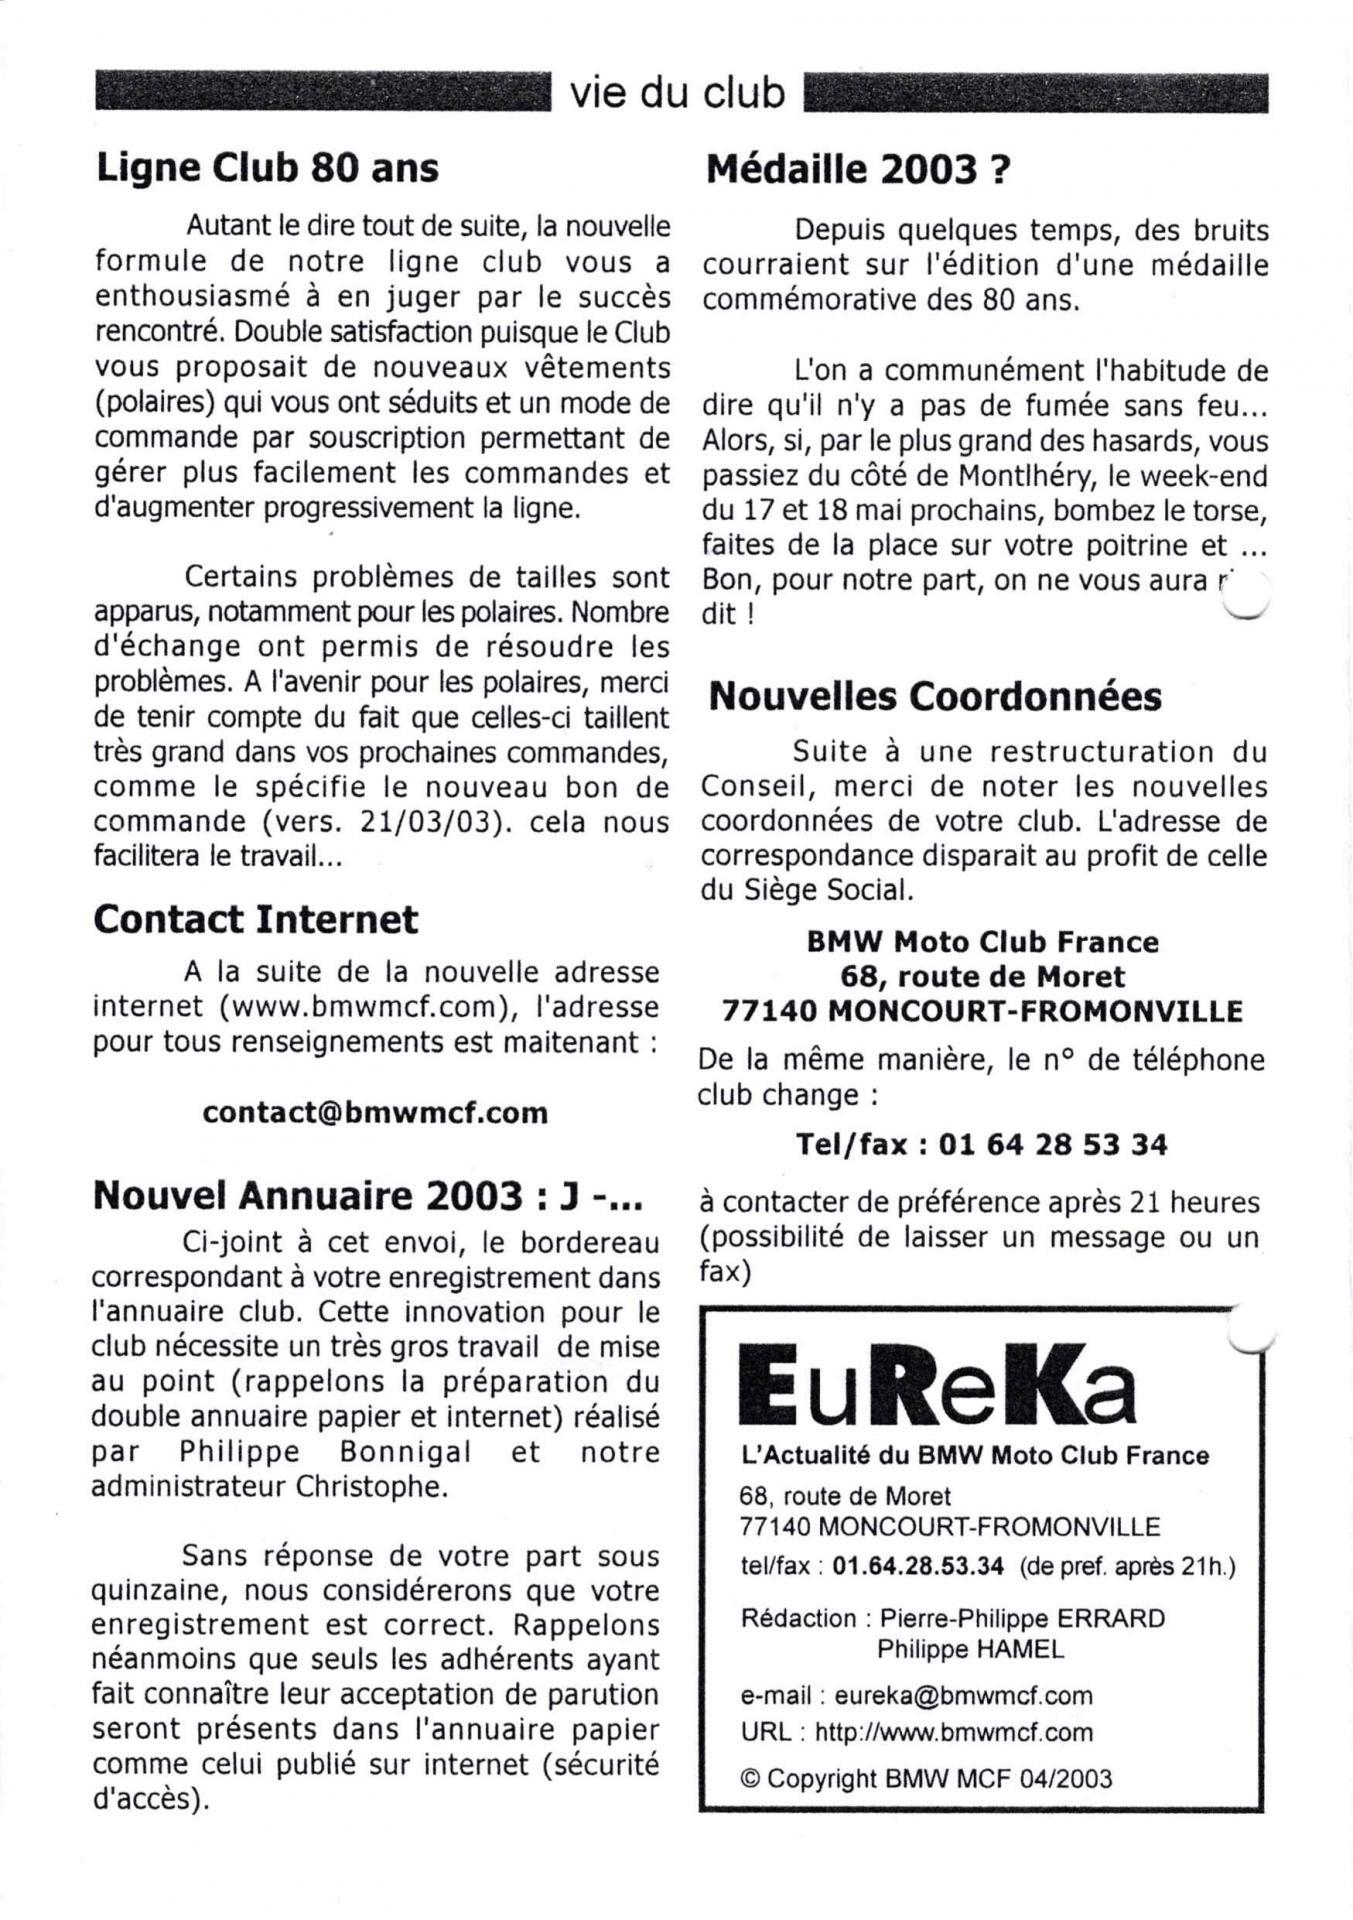 2003 04 eureka express 8